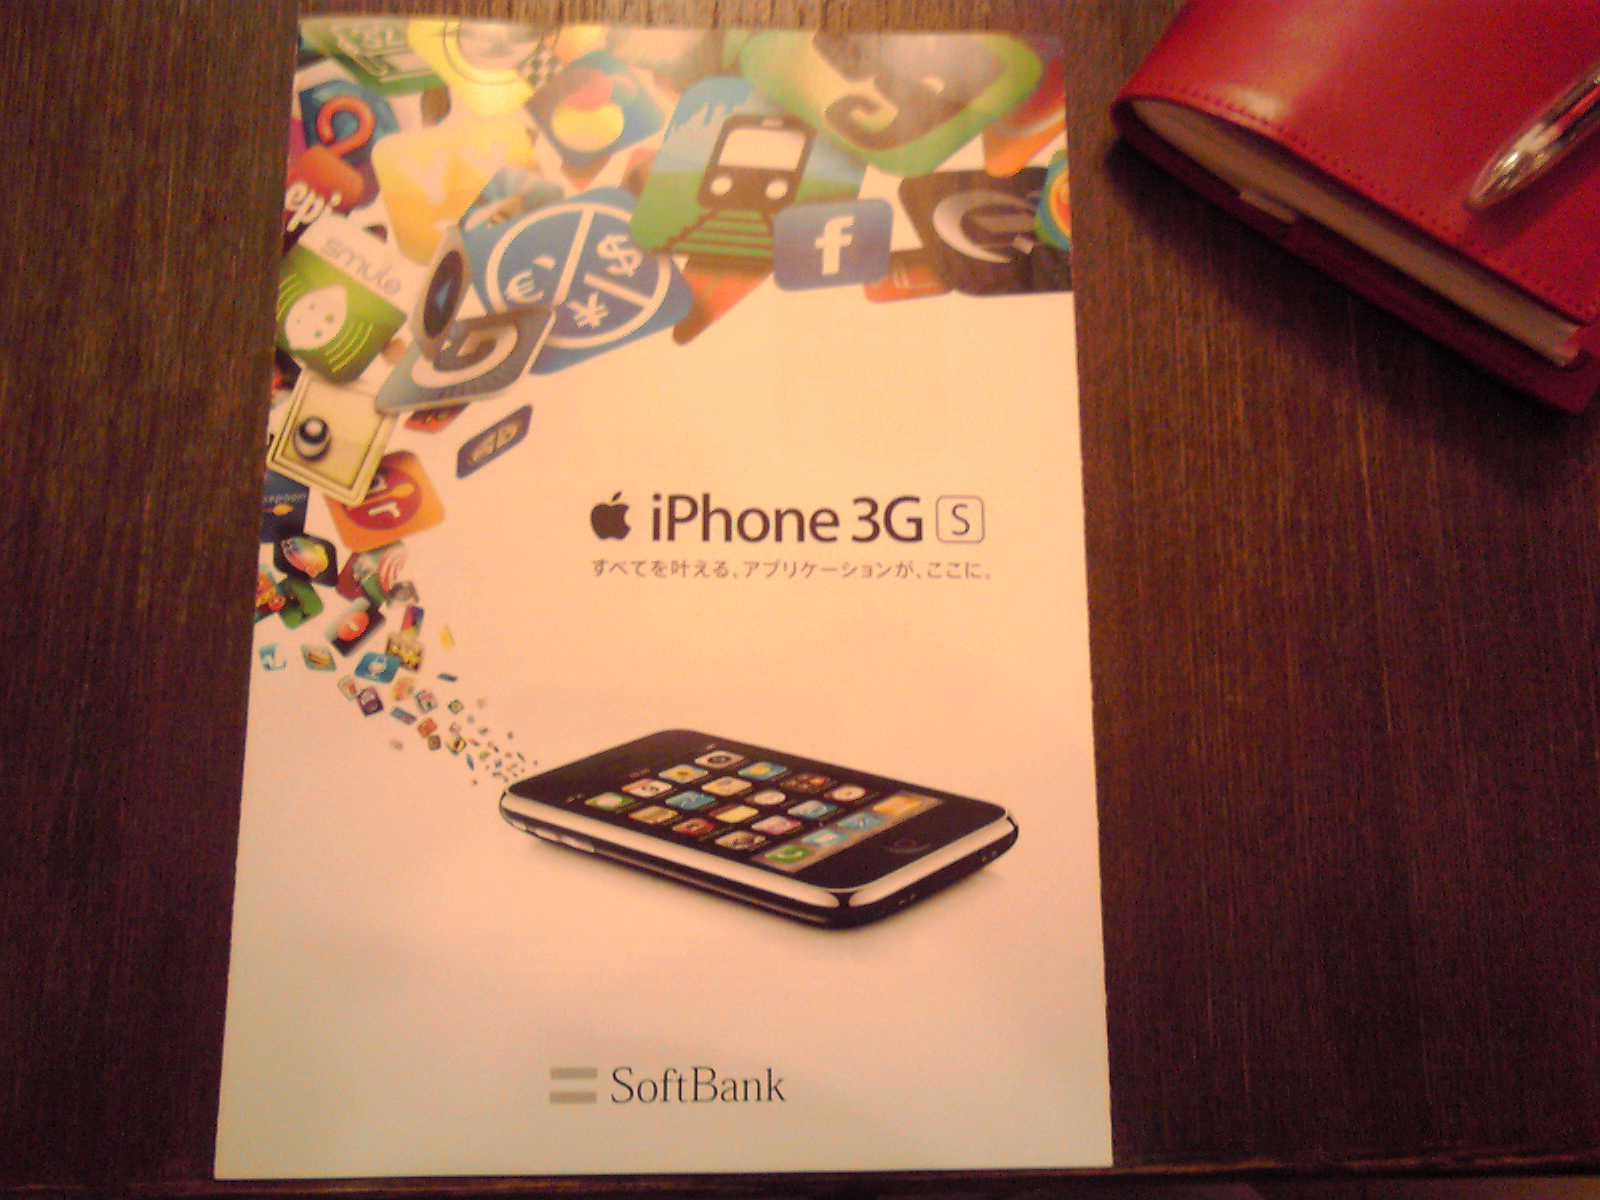 100122② iPhonパンフレットに載っちゃった!?_f0164842_18434672.jpg